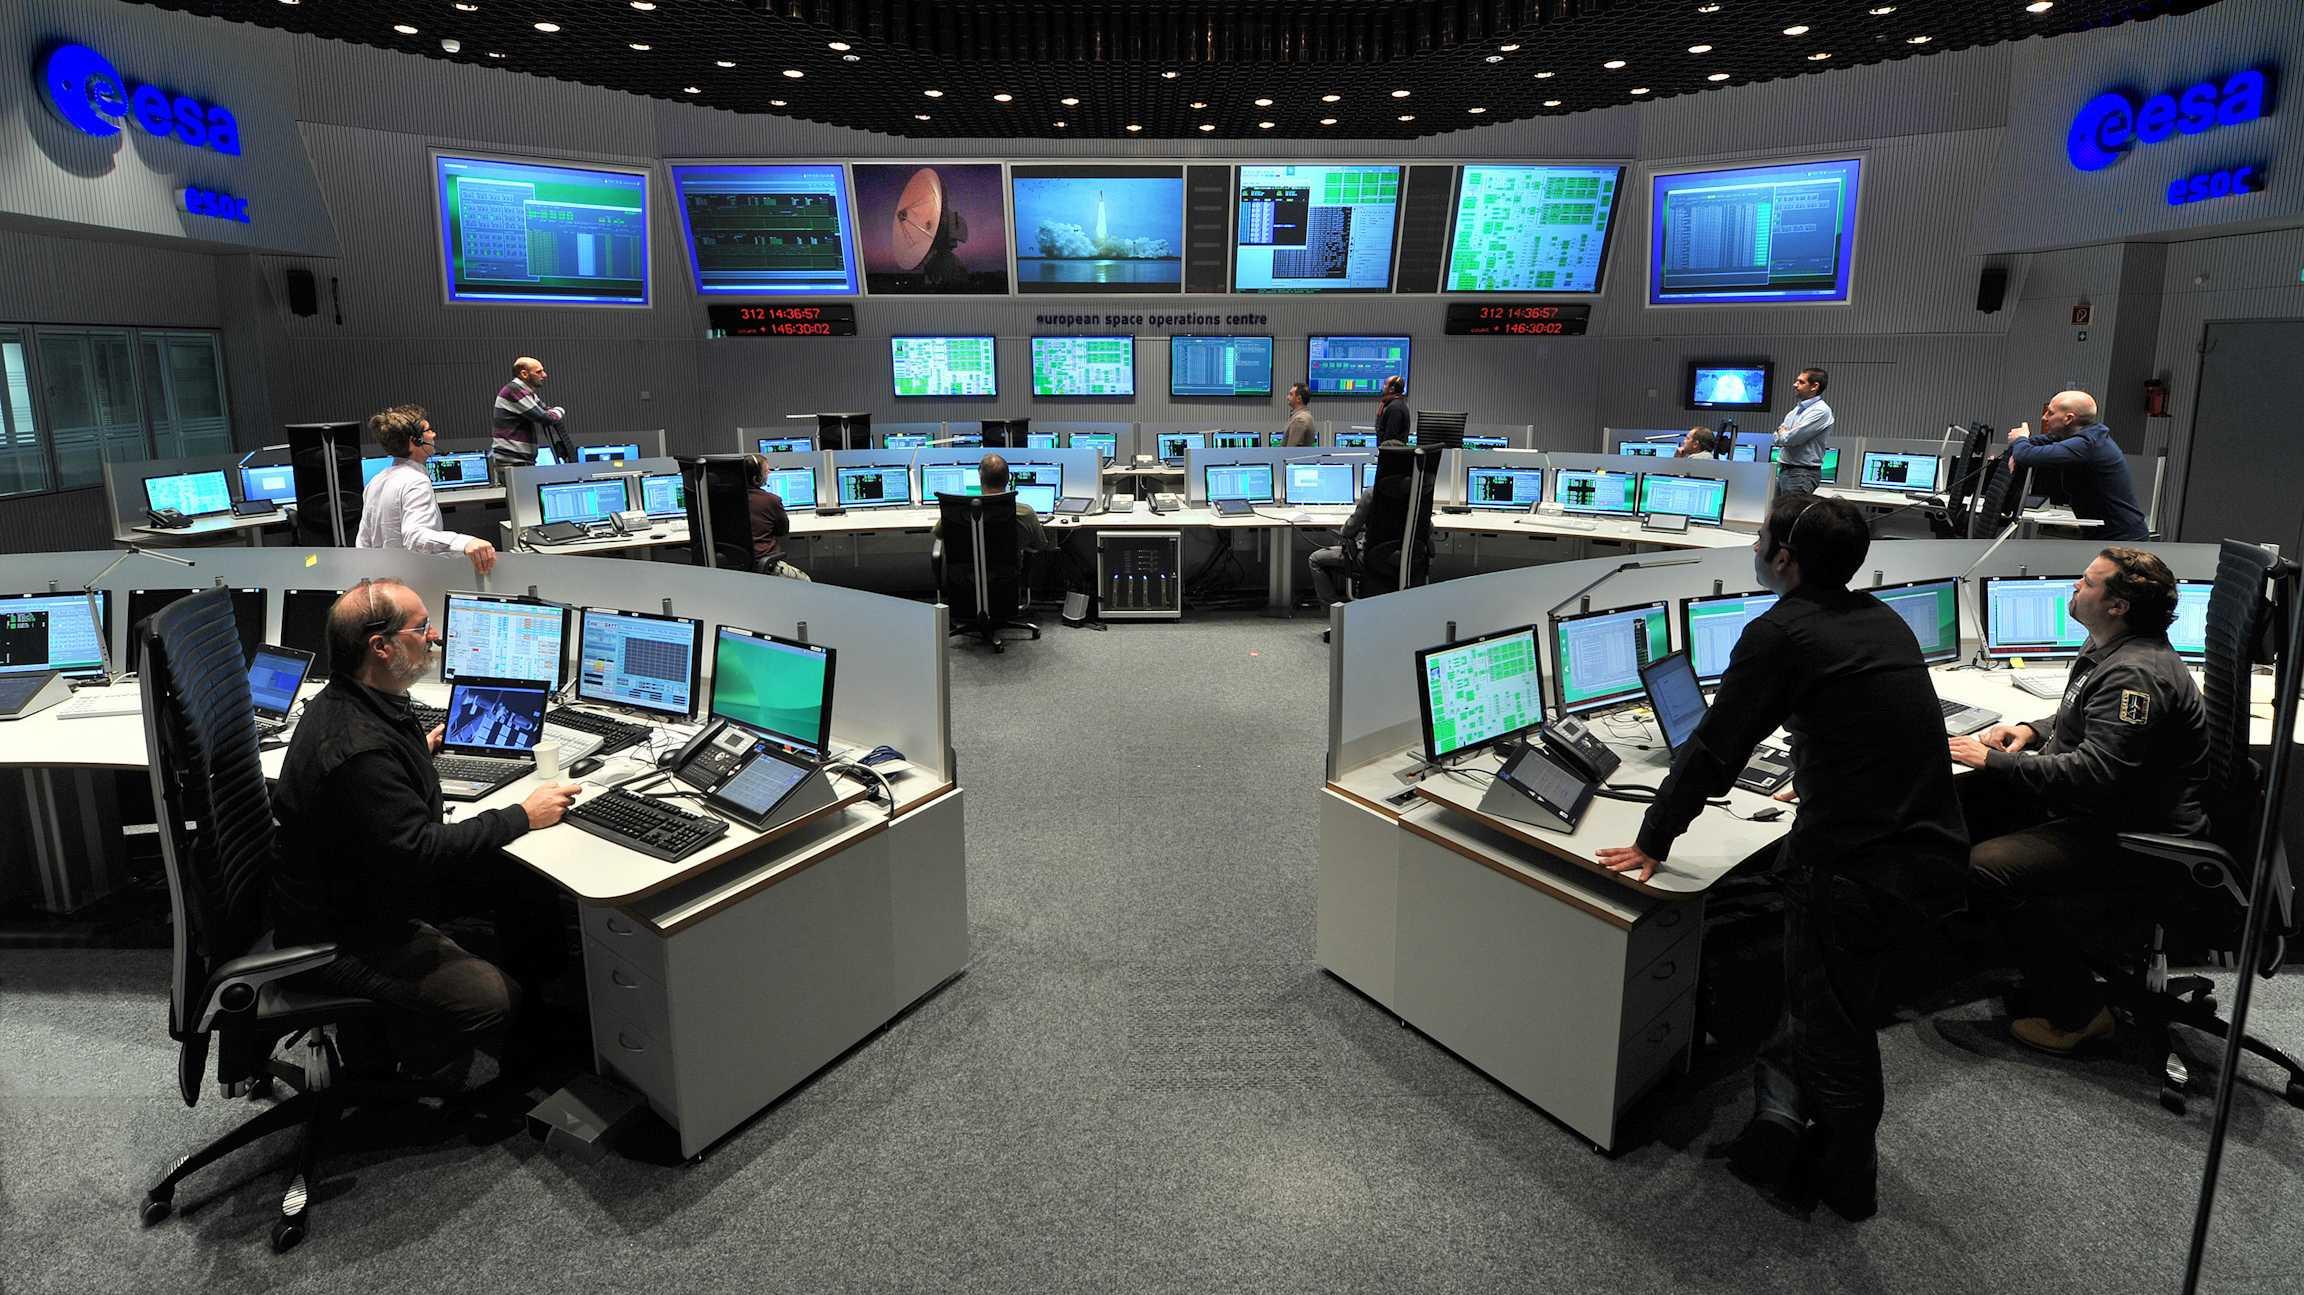 Angriff auf Newsletter-Server der Weltraumorganisation ESA